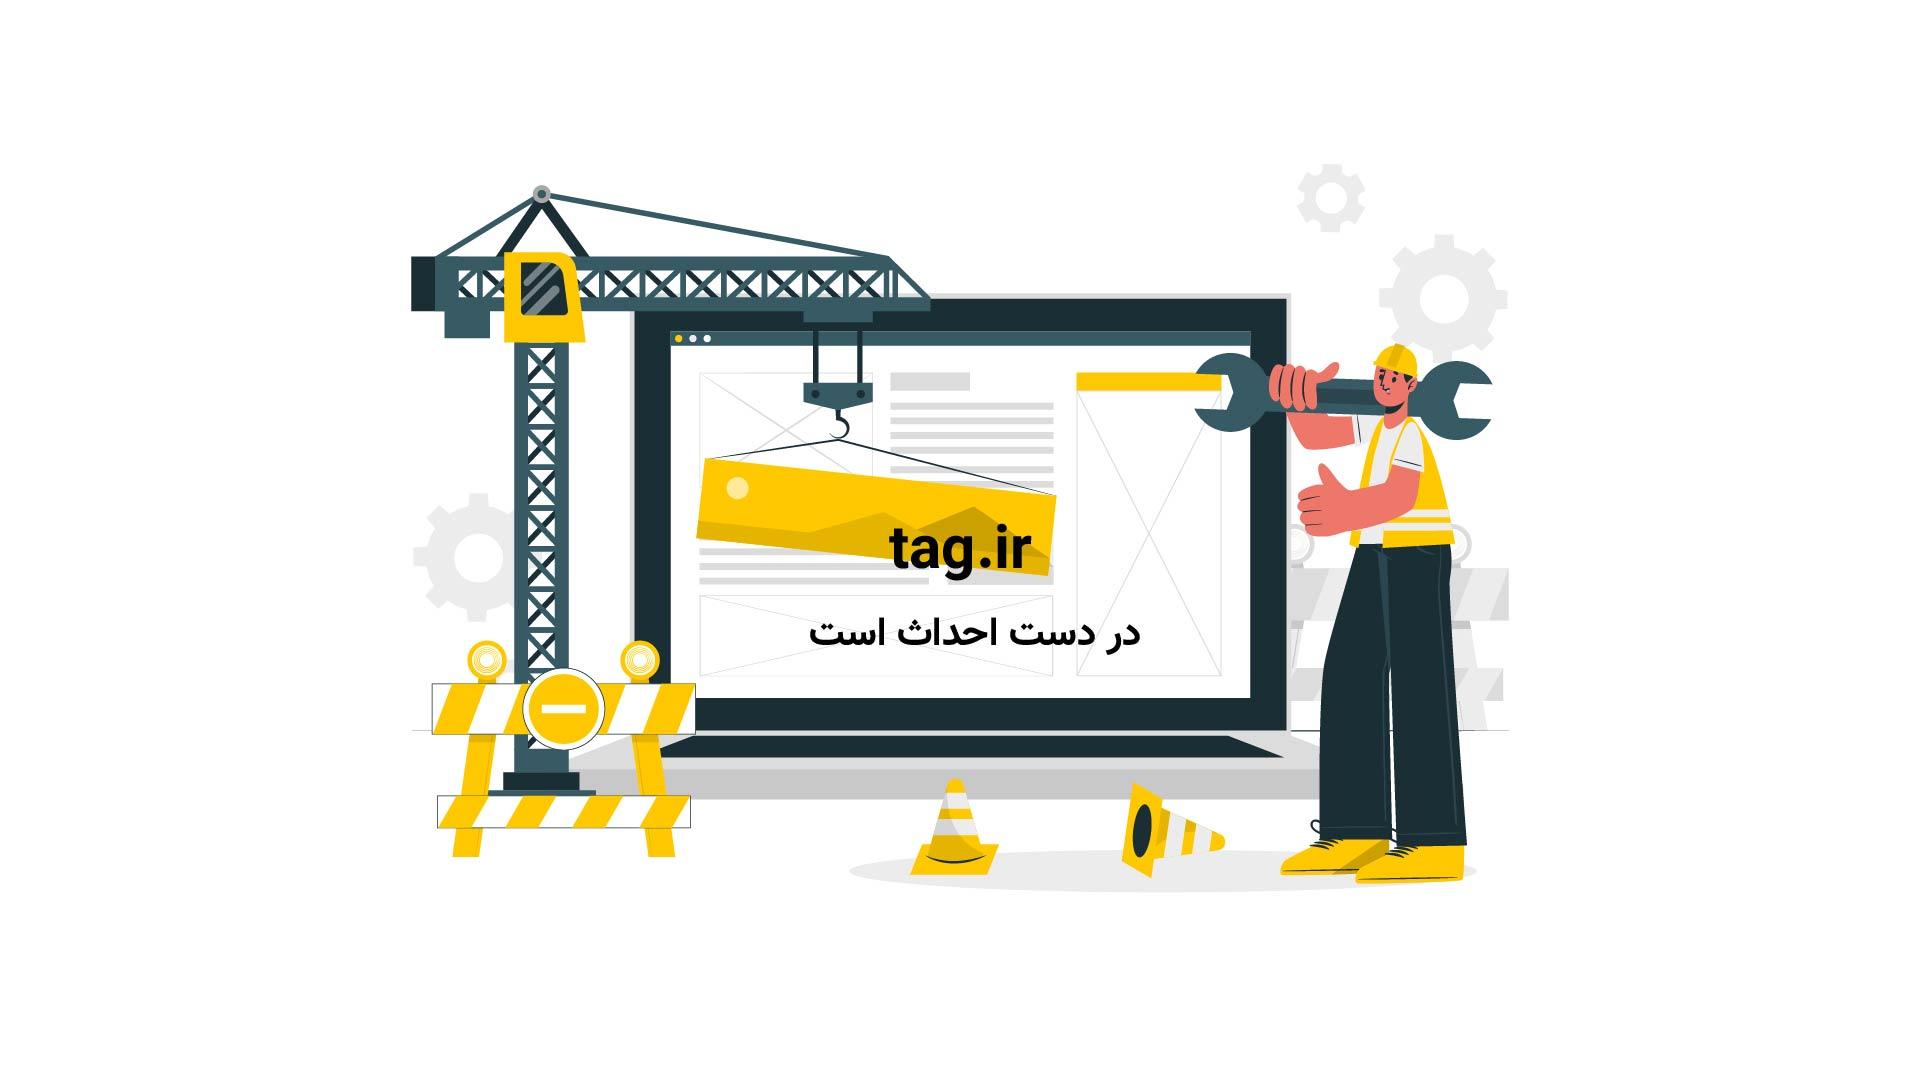 پرواز هیجان انگیز بر فراز آتشفشان